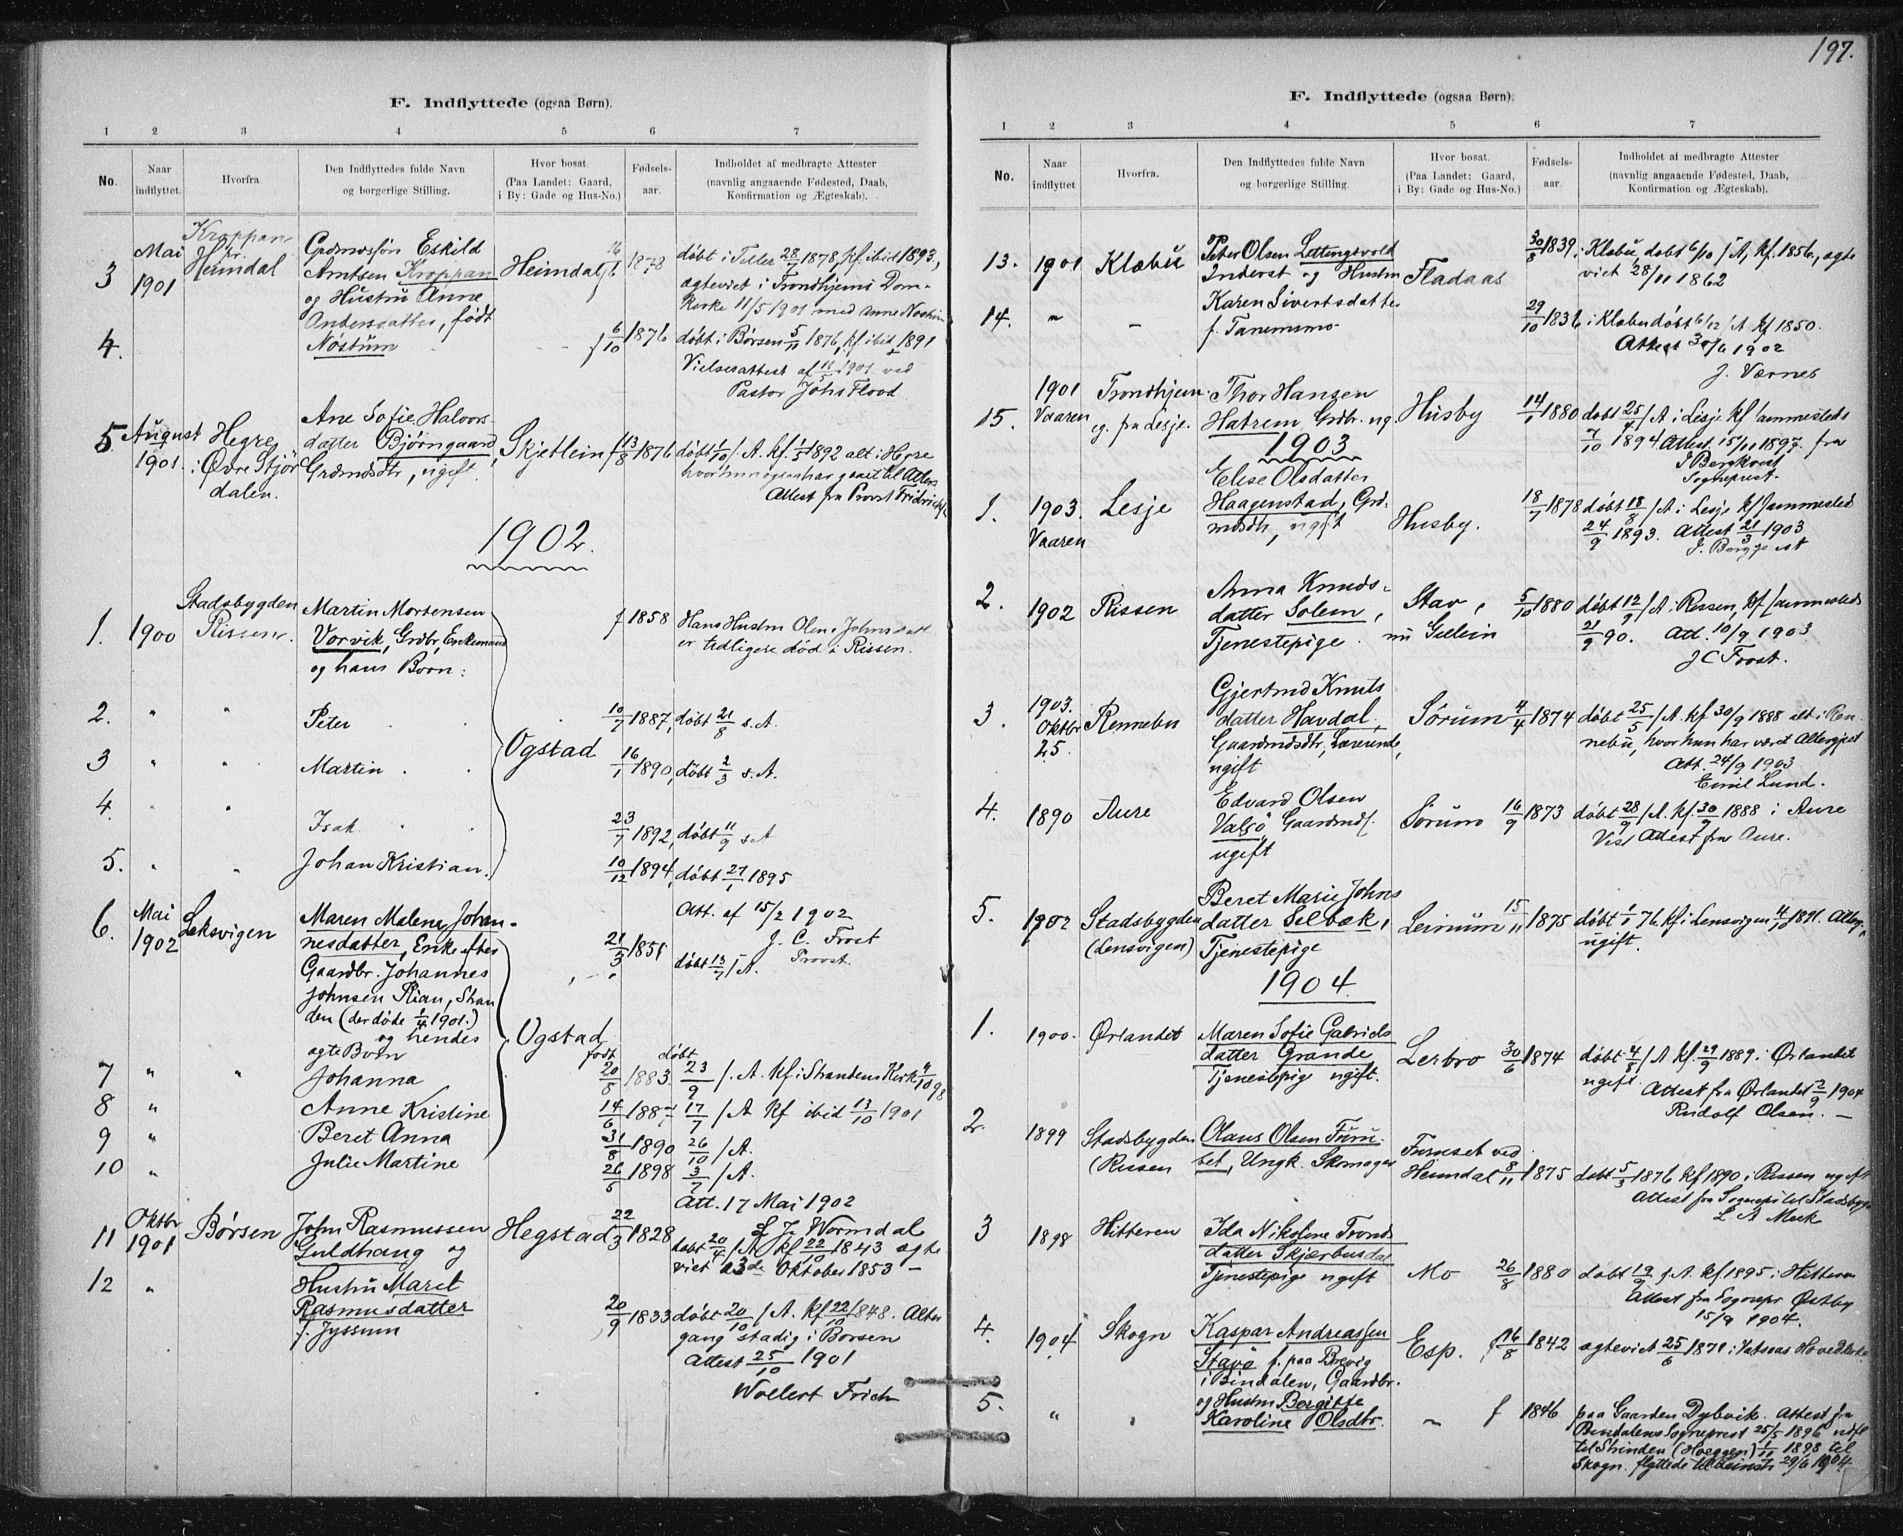 SAT, Ministerialprotokoller, klokkerbøker og fødselsregistre - Sør-Trøndelag, 613/L0392: Ministerialbok nr. 613A01, 1887-1906, s. 197